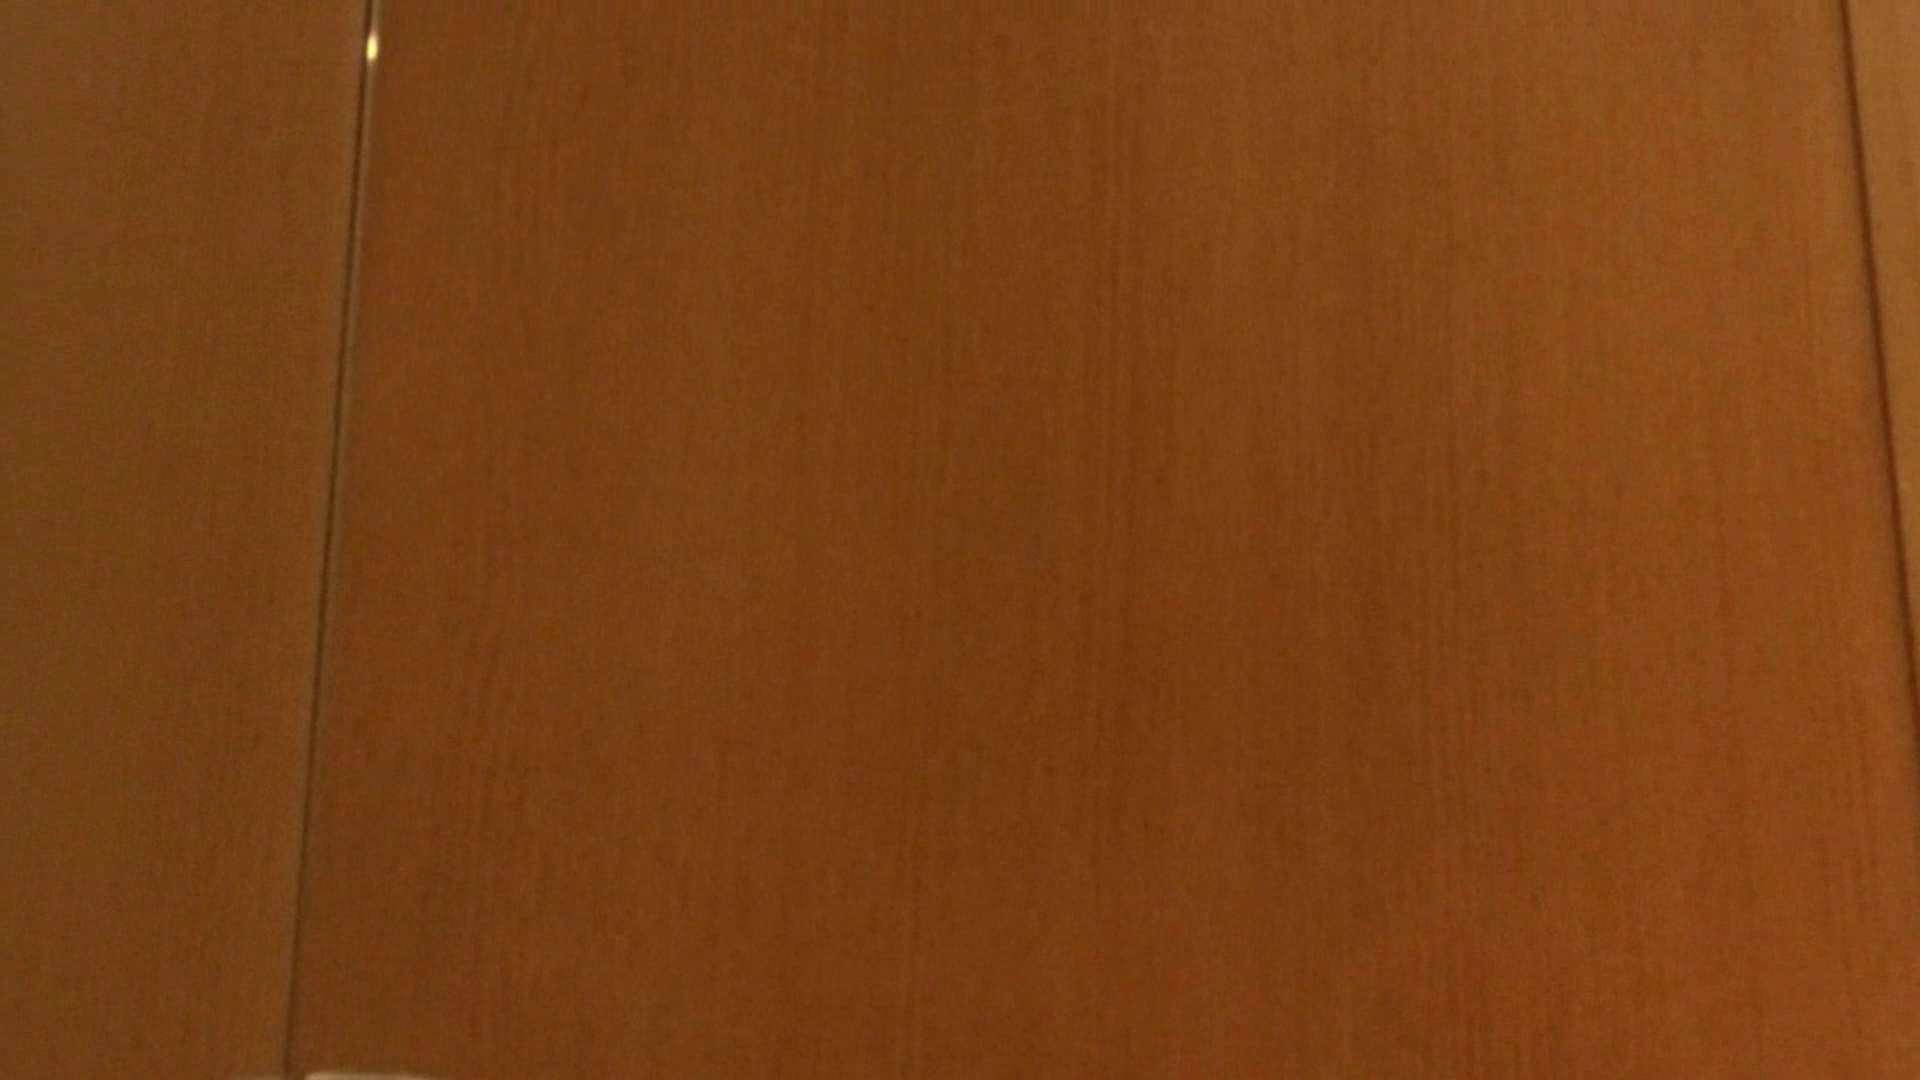 「噂」の国の厠観察日記2 Vol.08 OLハメ撮り  111Pix 82